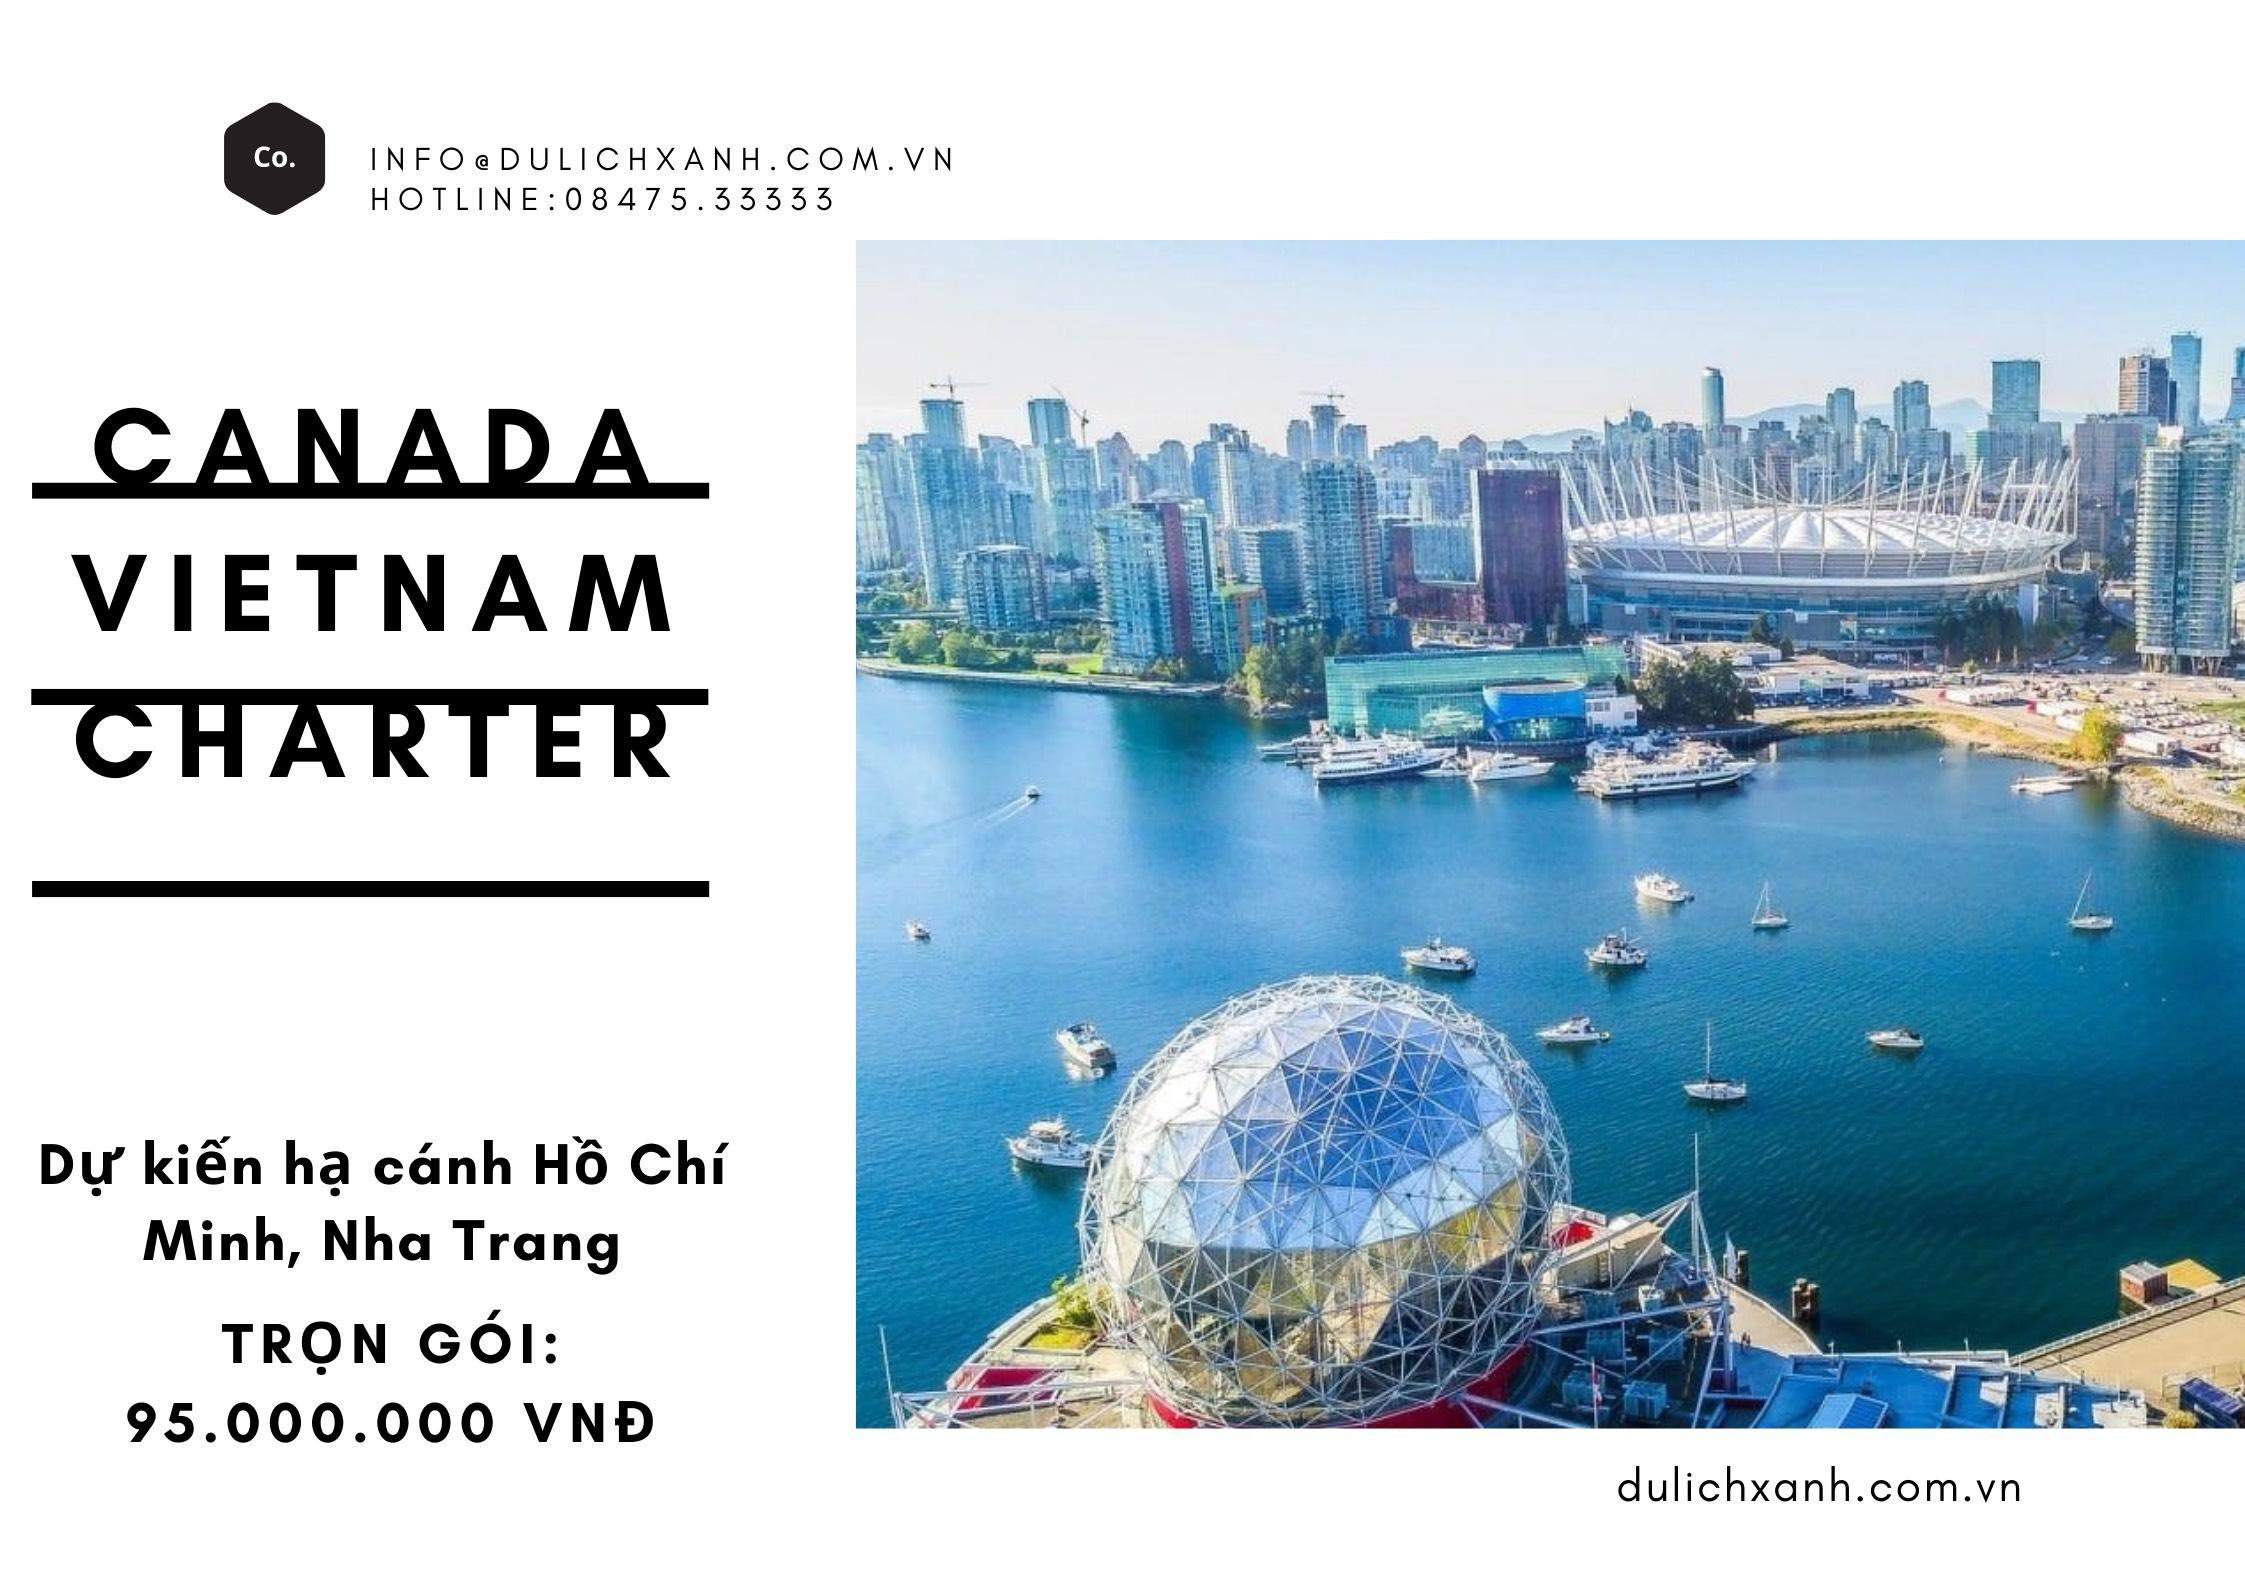 Chuyến bay charter từ Canada về Việt Nam tháng 6